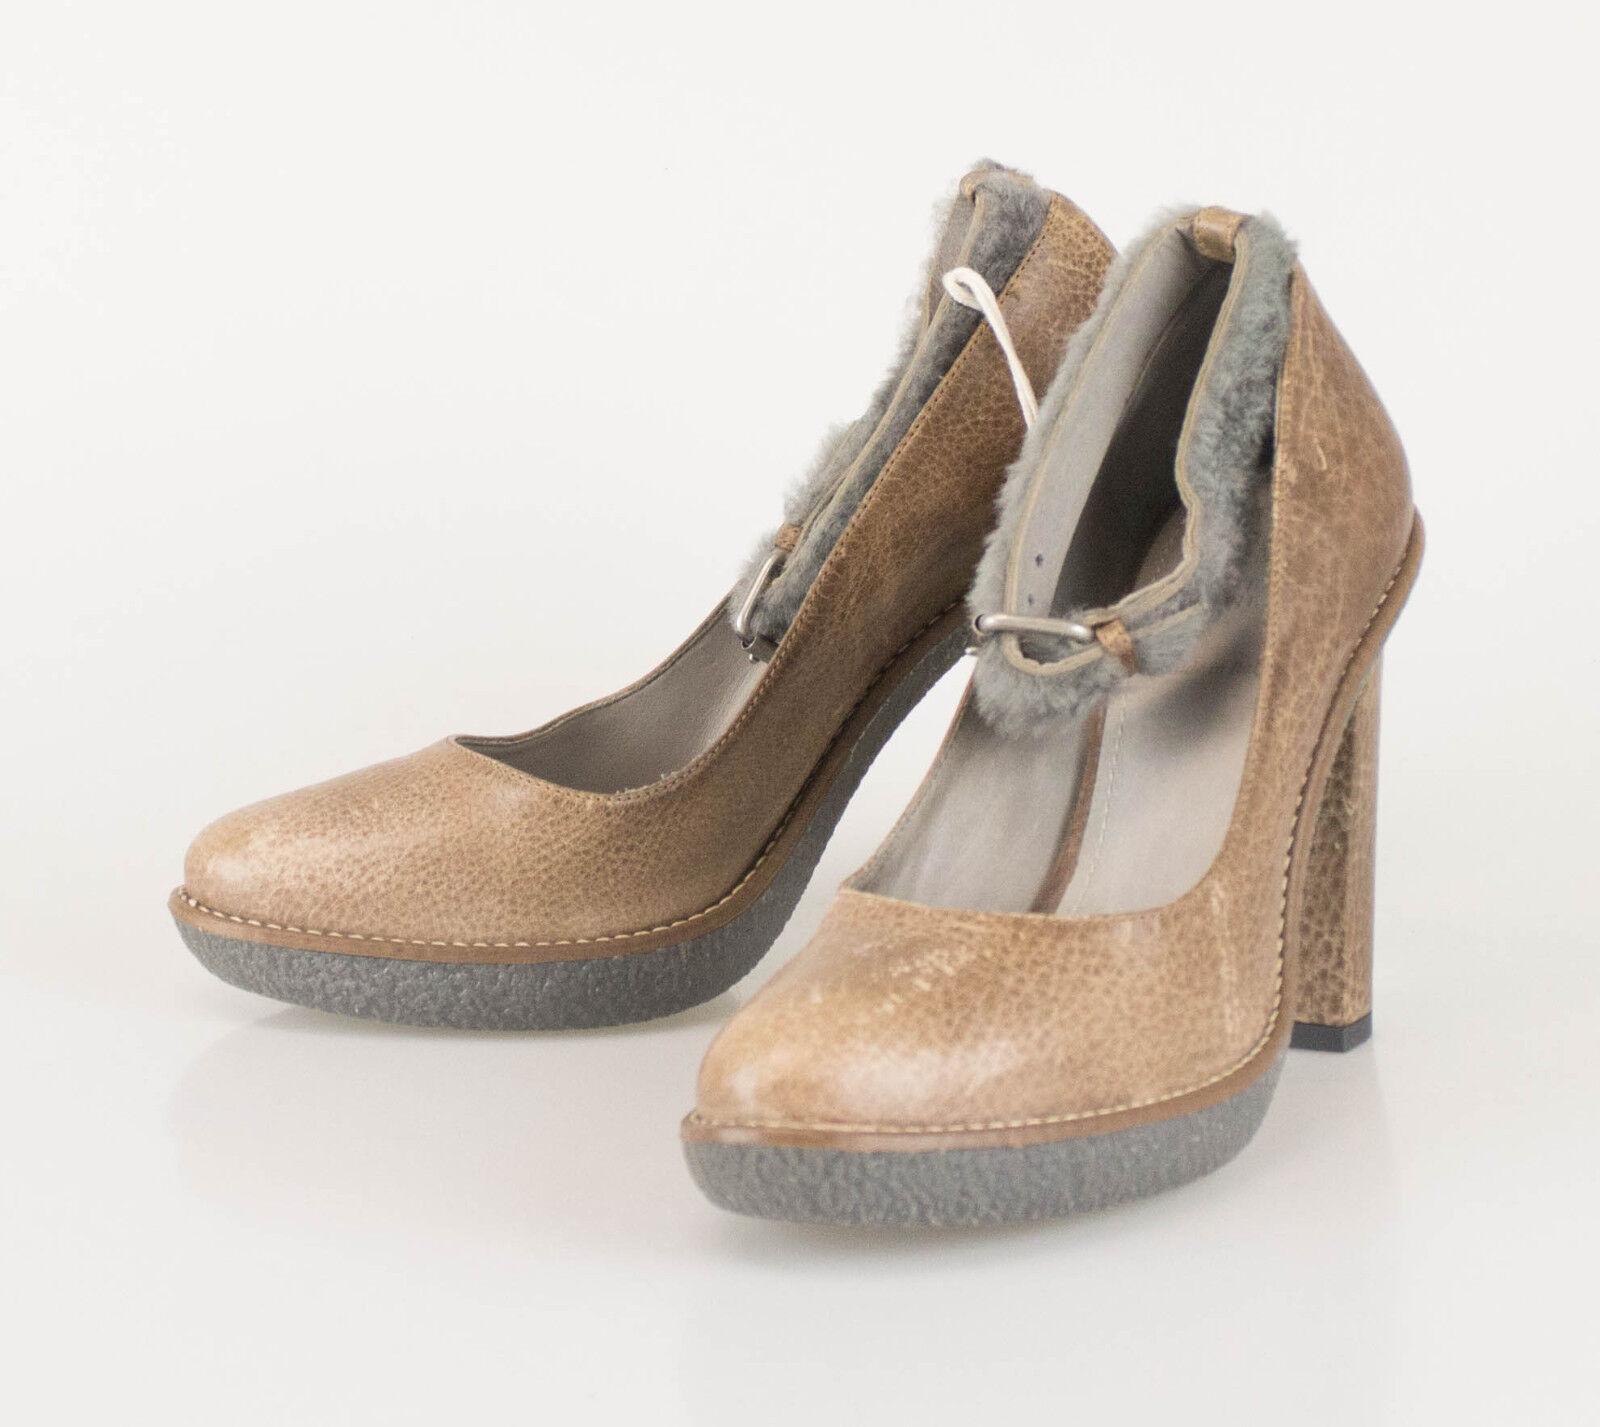 Nuevo Nuevo Nuevo BRUNELLO CUCINELLI De Cuero Marrón Con Piel Bombas Tacones Zapatos Talla 40 10  875  envío rápido en todo el mundo